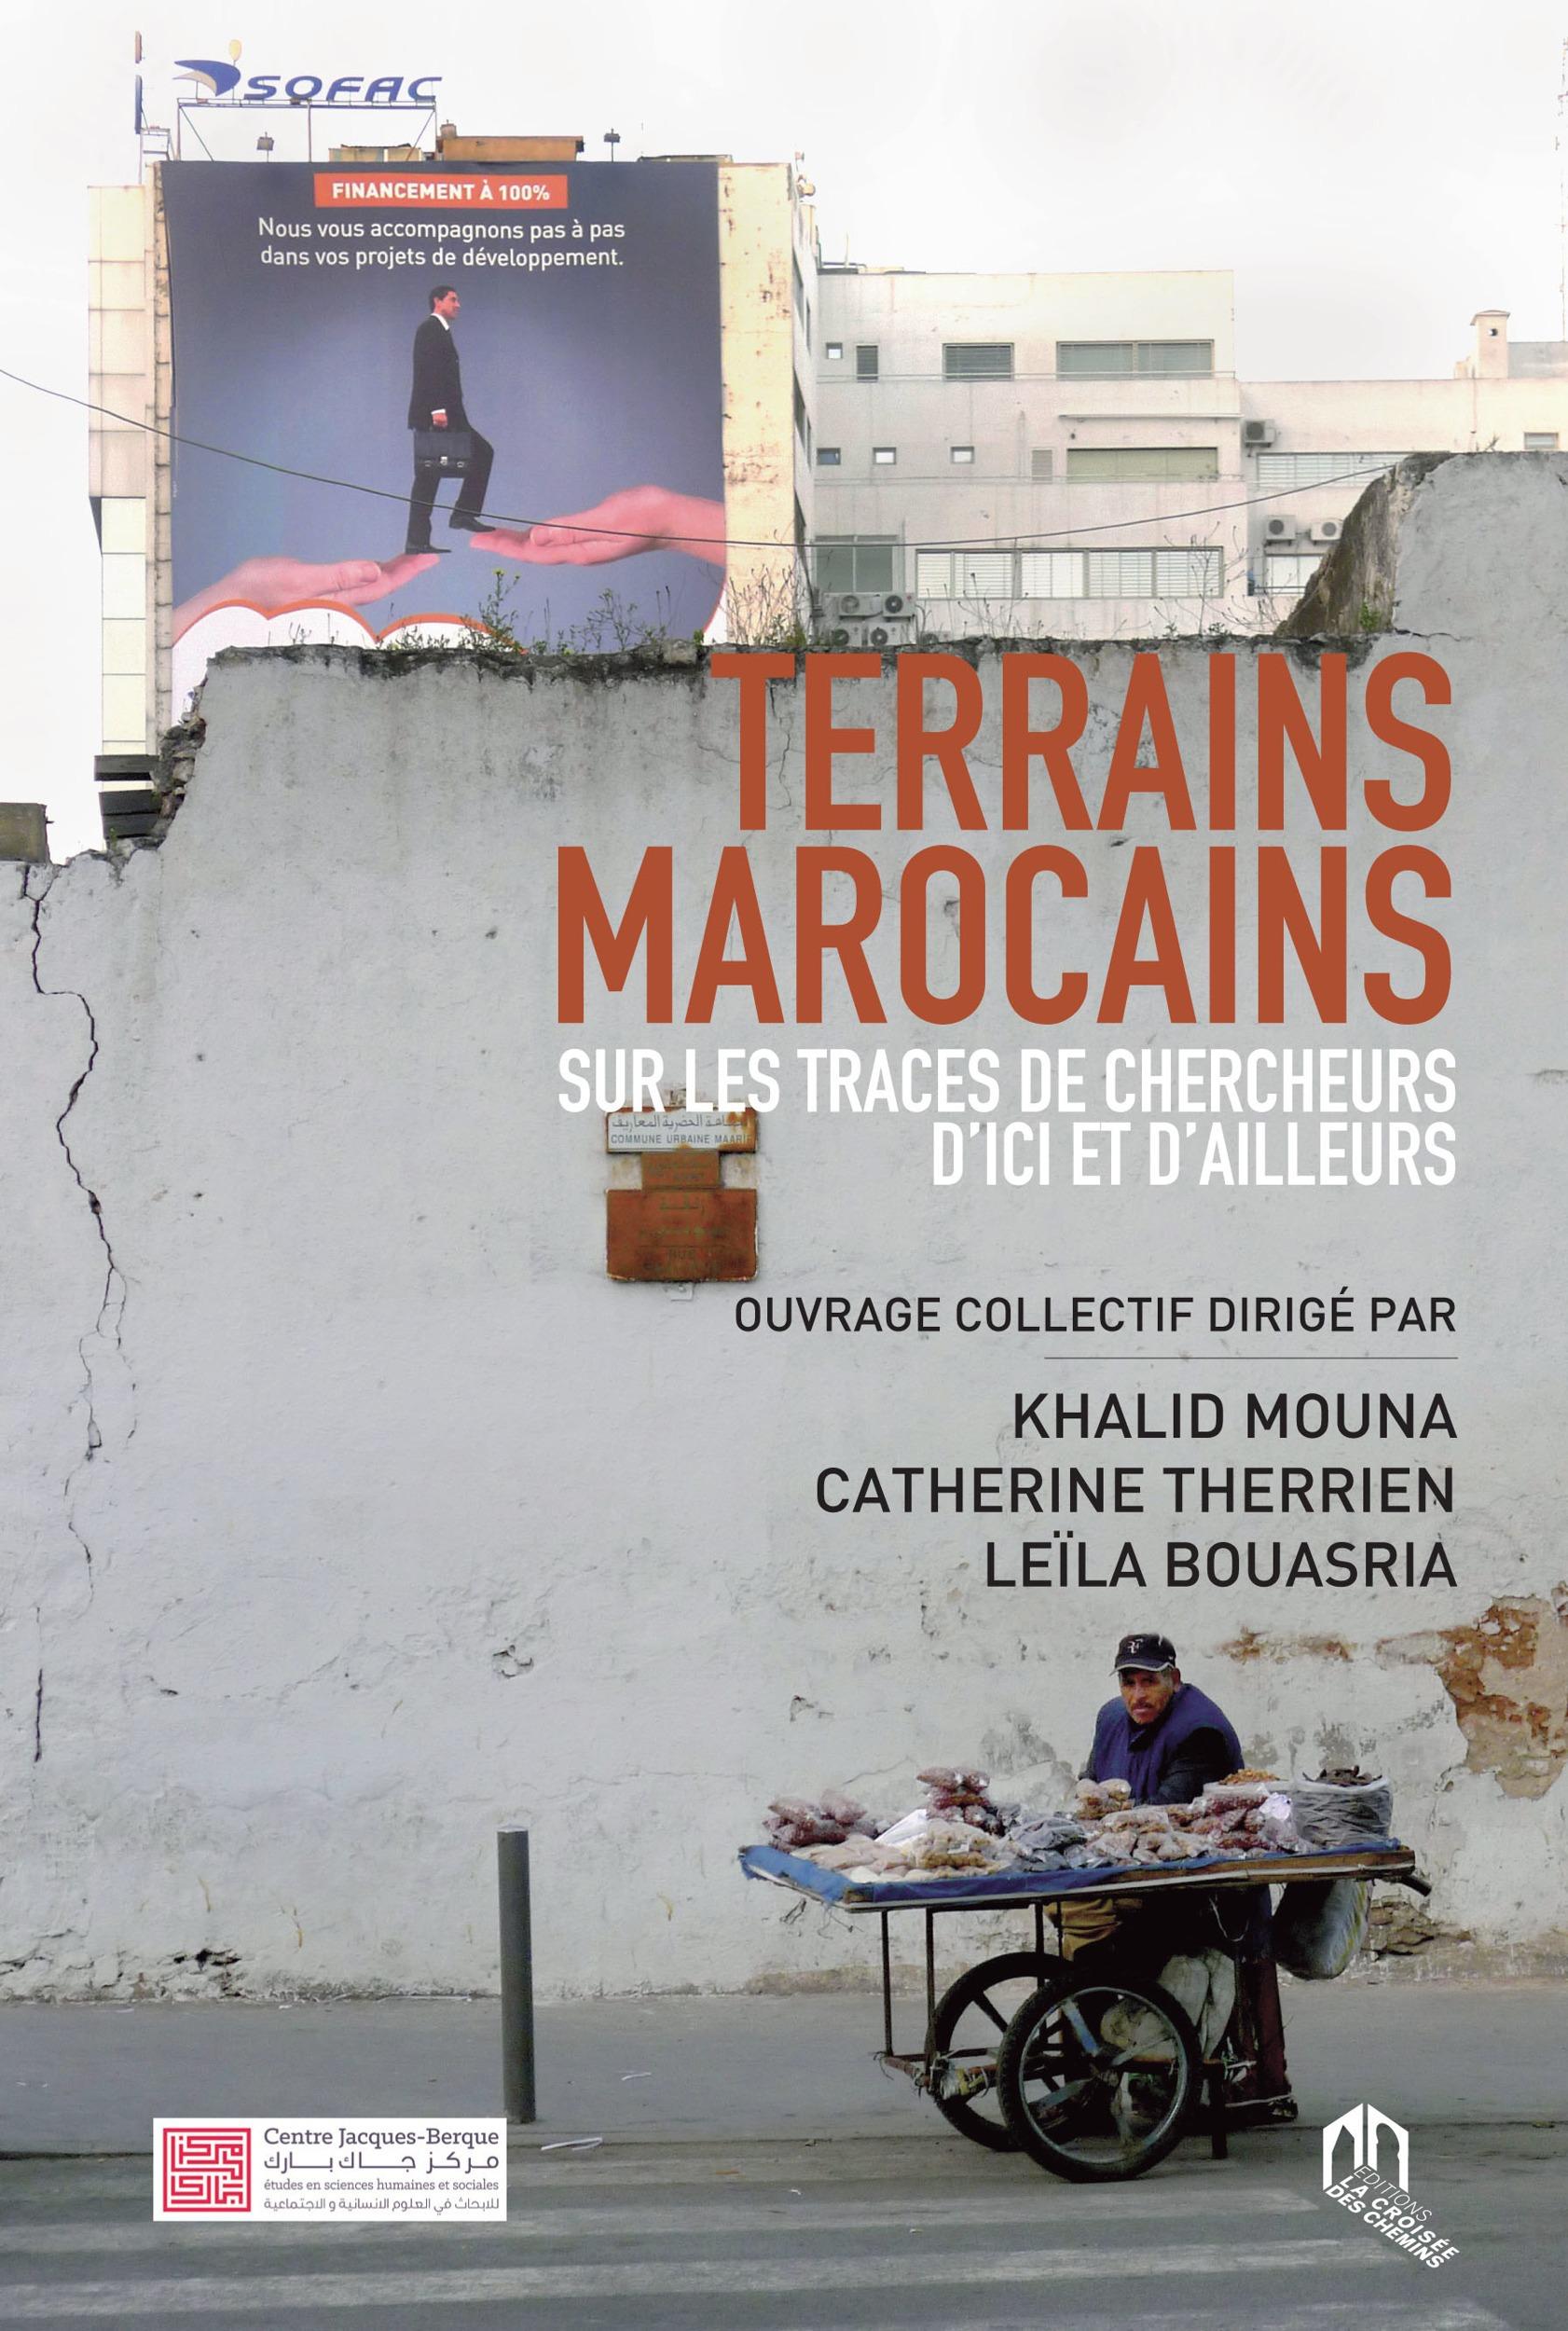 Terrains marocains sur les traces de chercheurs d'ici et d'ailleurs